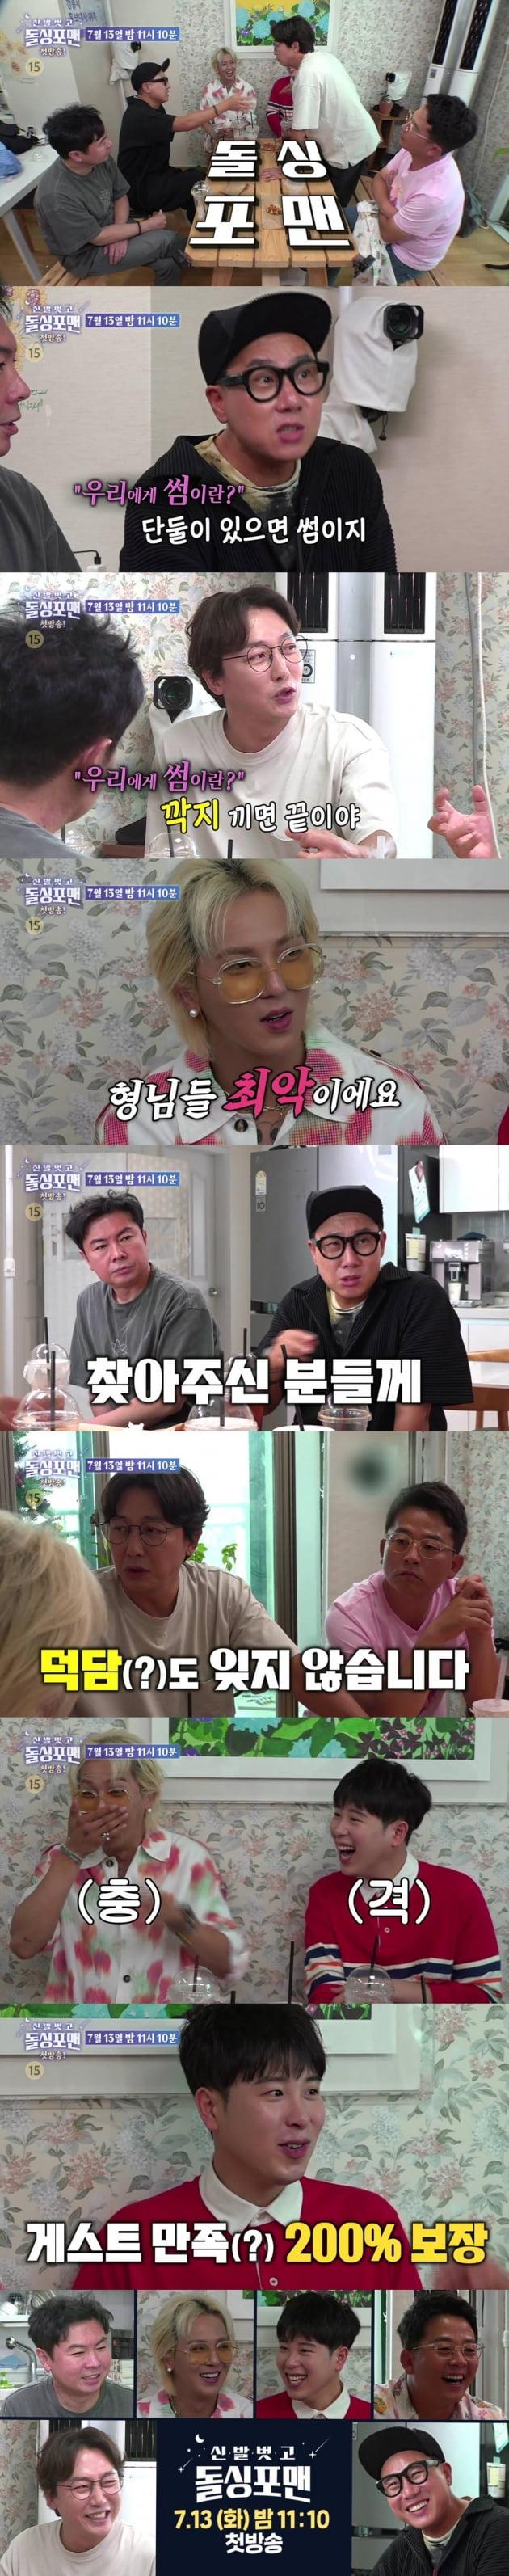 '신발벗고 돌싱포맨' 예고/ 사진=SBS 제공